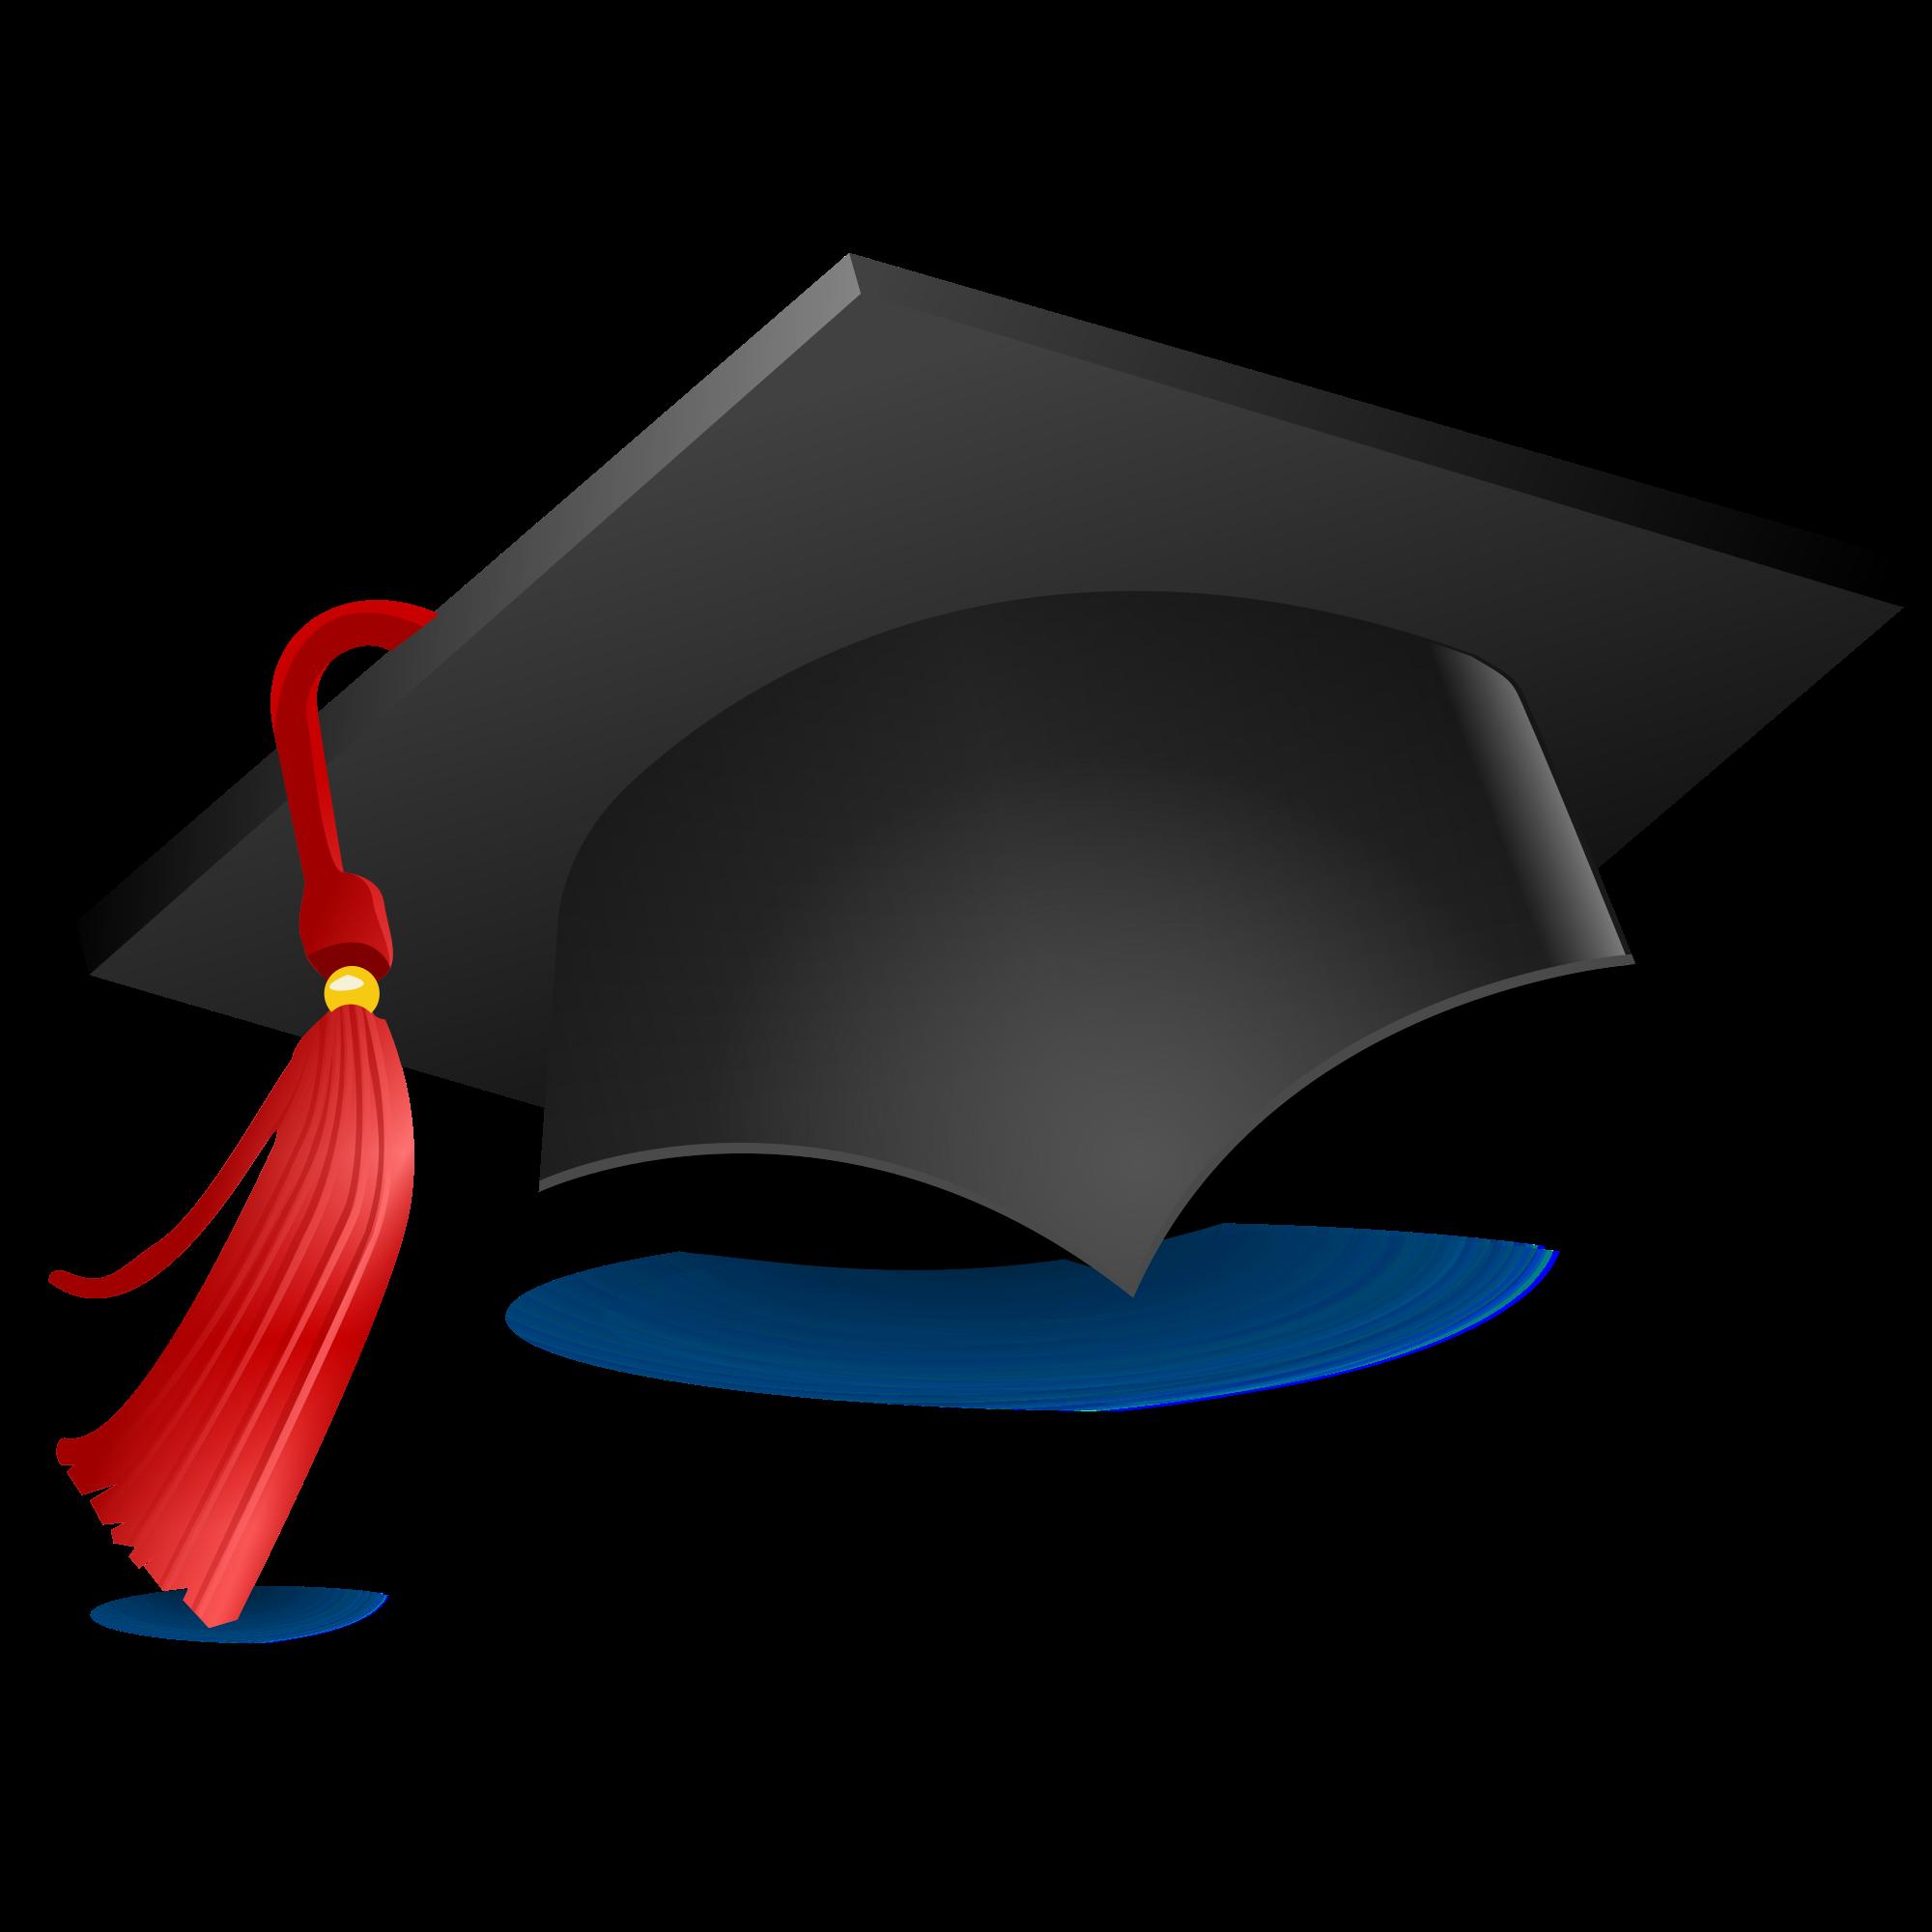 free Hasil gambar untuk tulisan happy graduation png